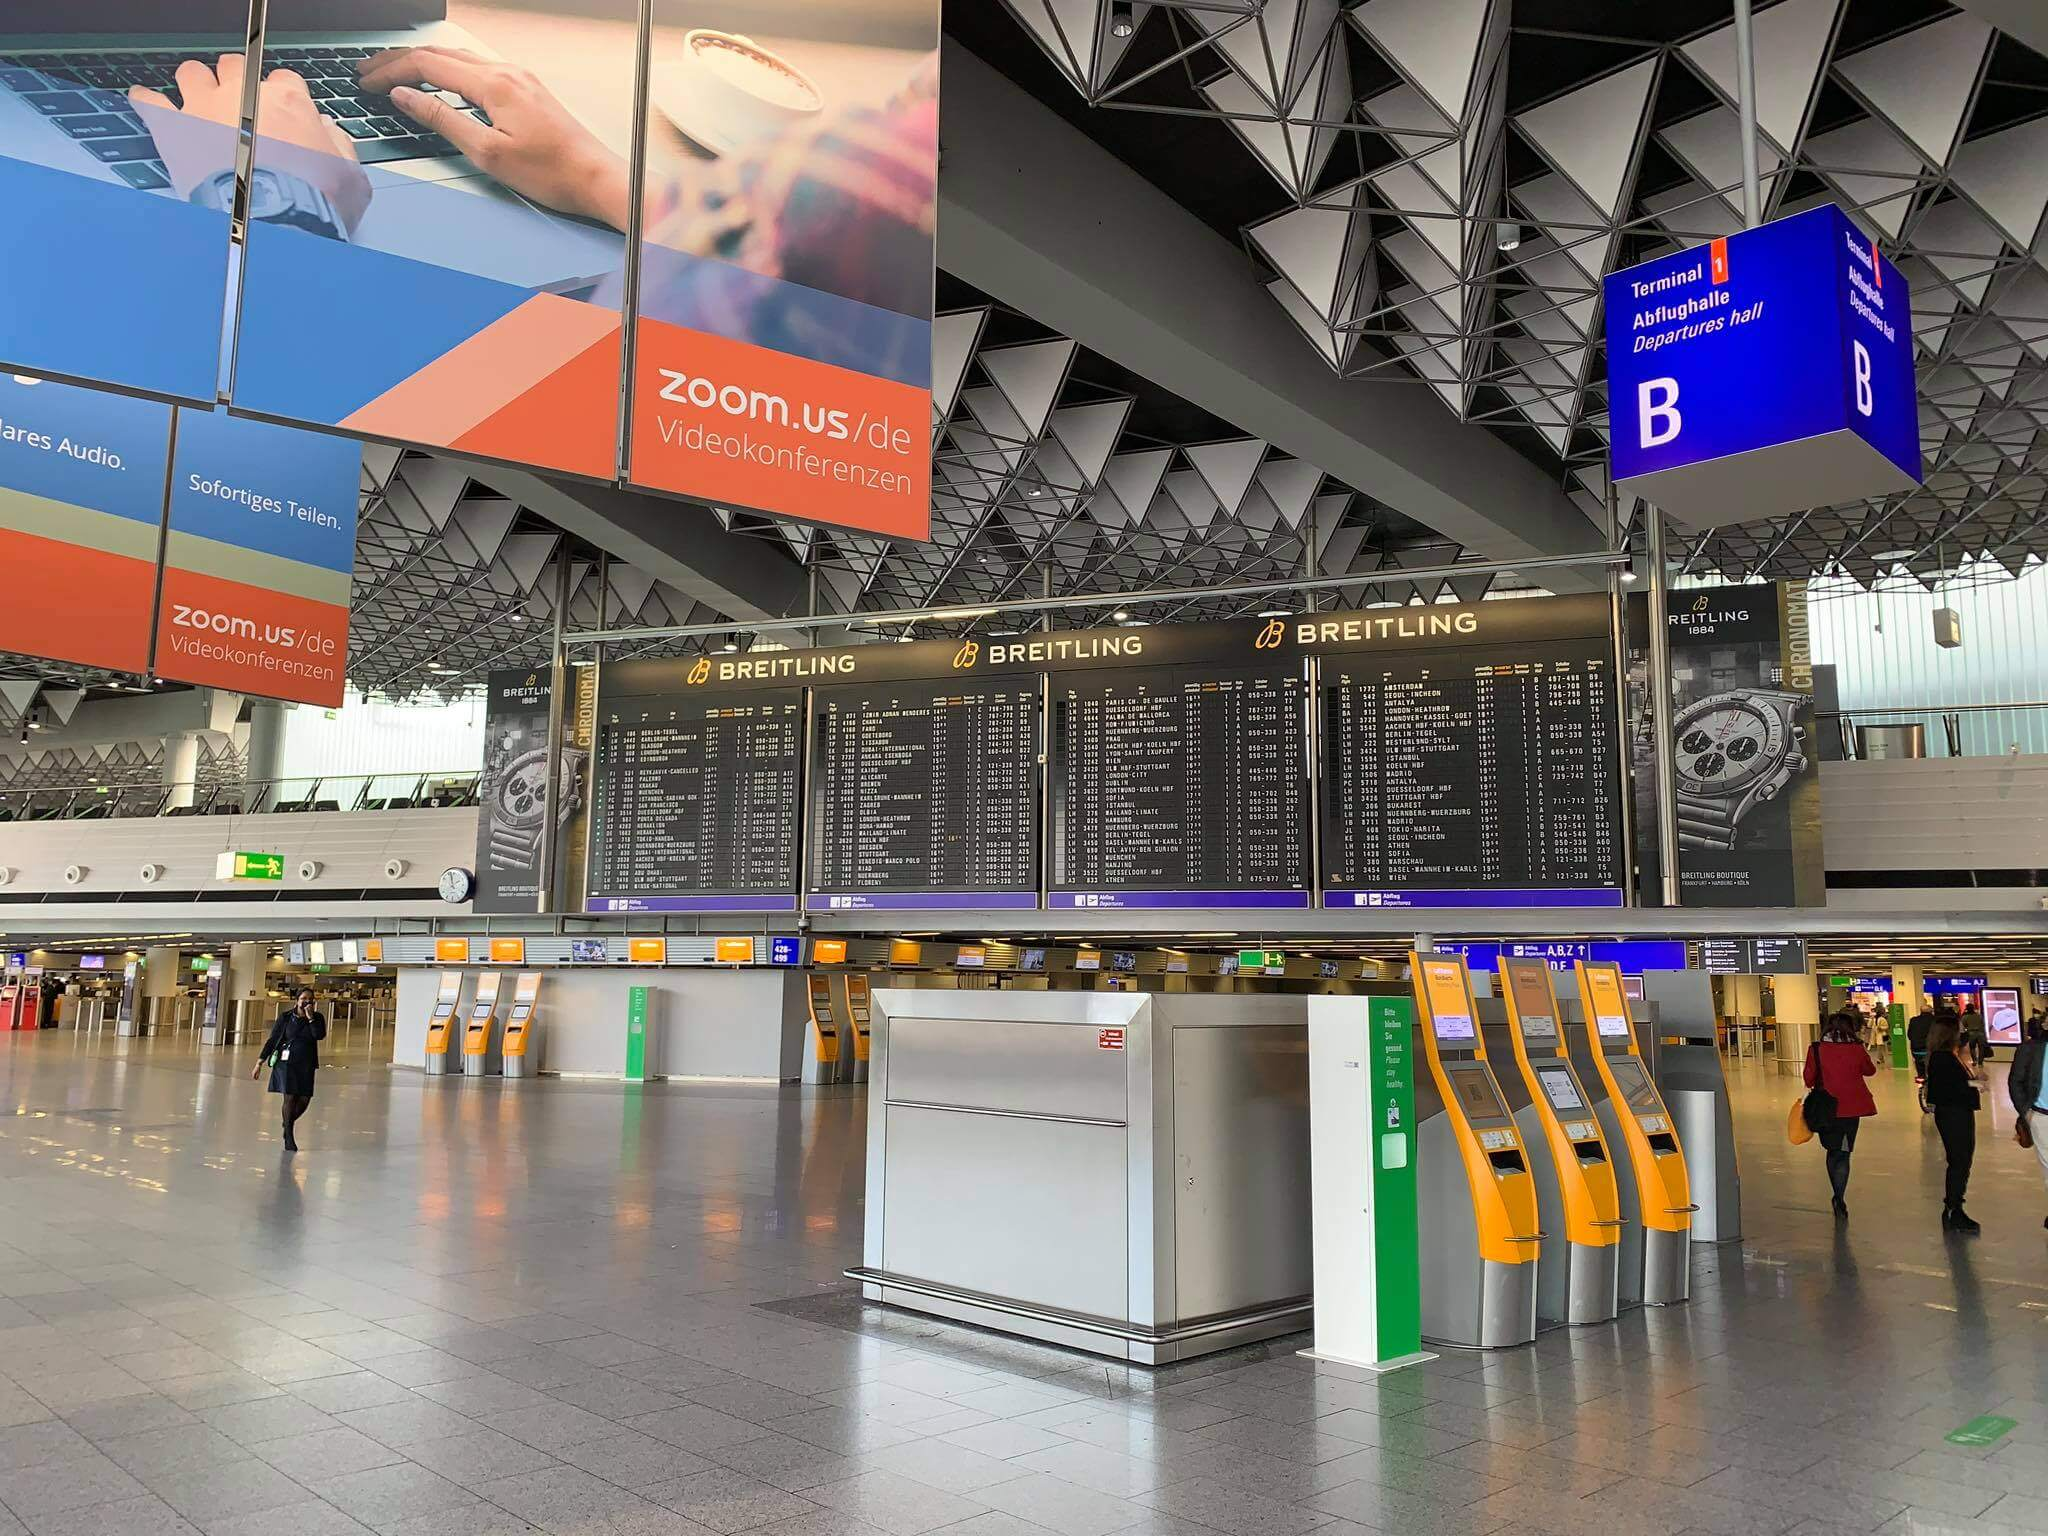 Sân bay Frankfurt - Terminal 1 sảnh đón khách